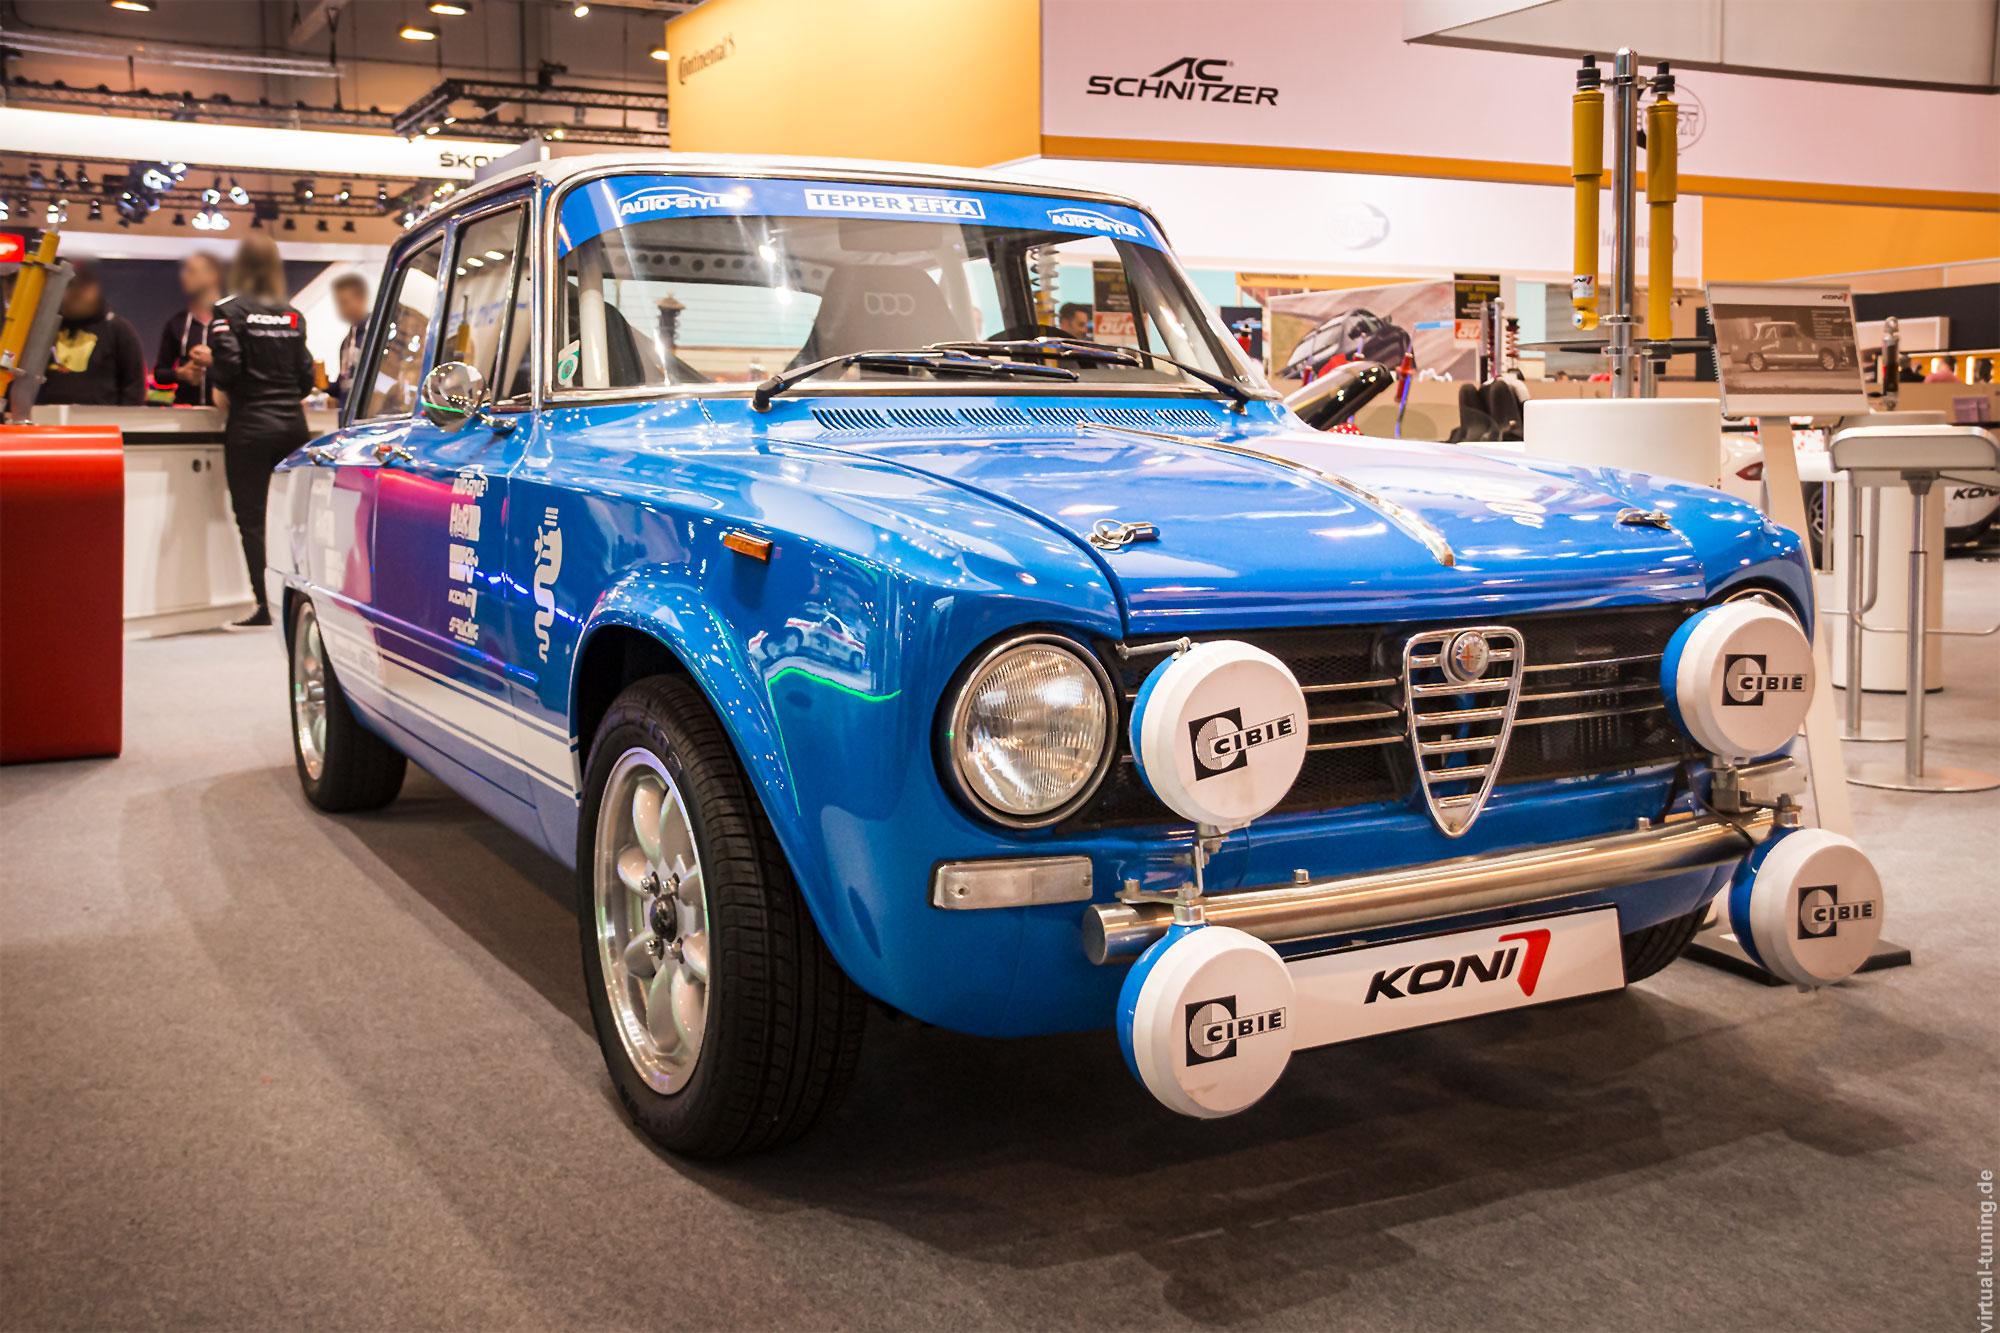 Alfa Romeo Giulia - Essen Motor Show 2018